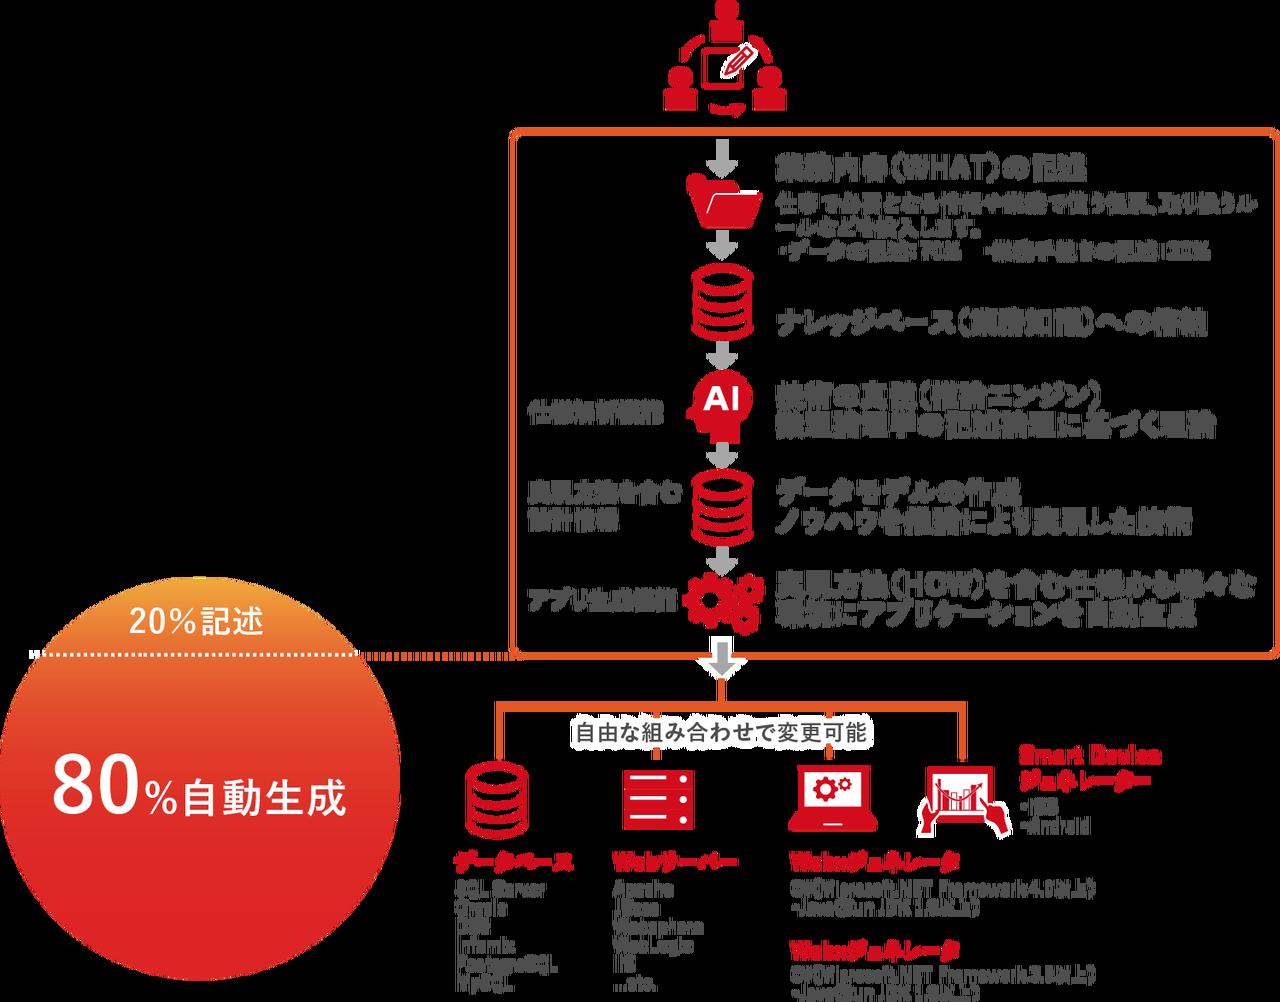 20%を記述し、80%を自動生成 データベース、Webサーバ、Webxxジェネレーター、Smart Deviceジェネレーターを自由な組合せで変更可能